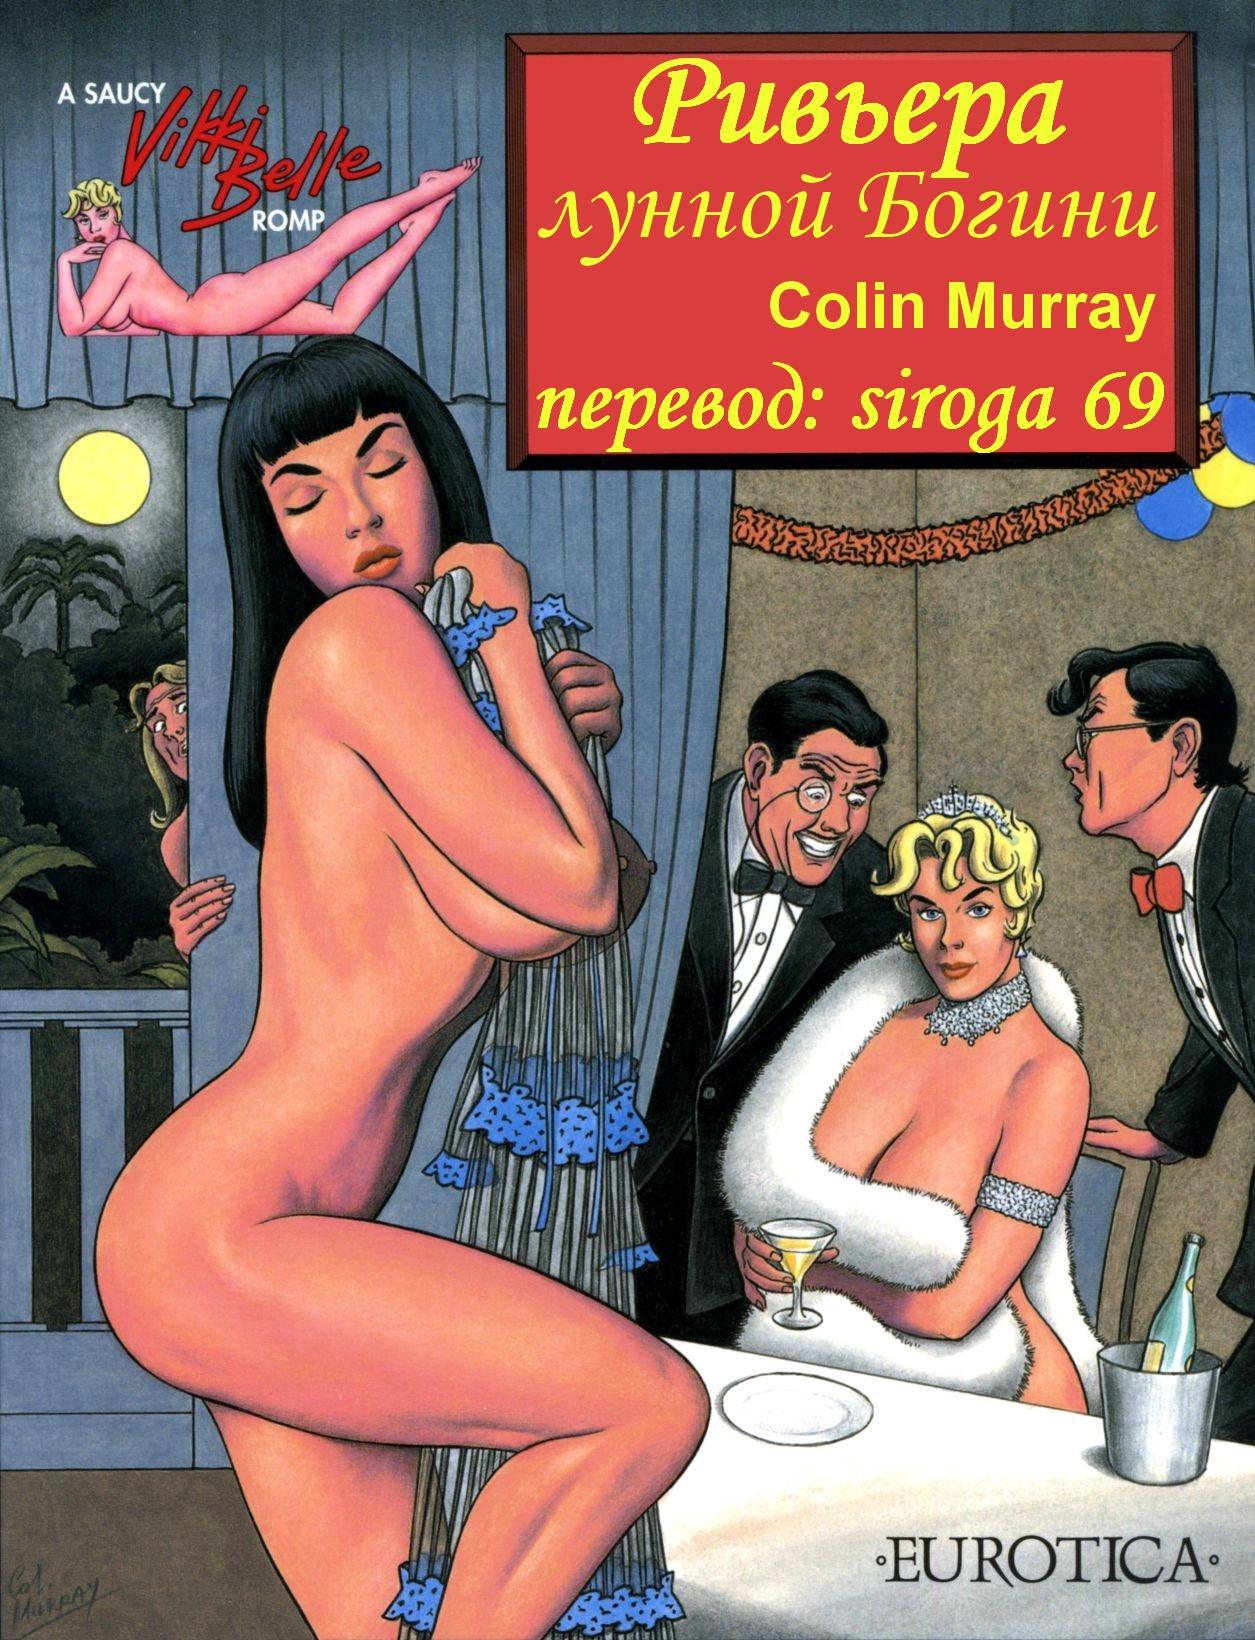 Блондинка Ривьера лунная богиня # 1   Порно комиксы онлайн на русском